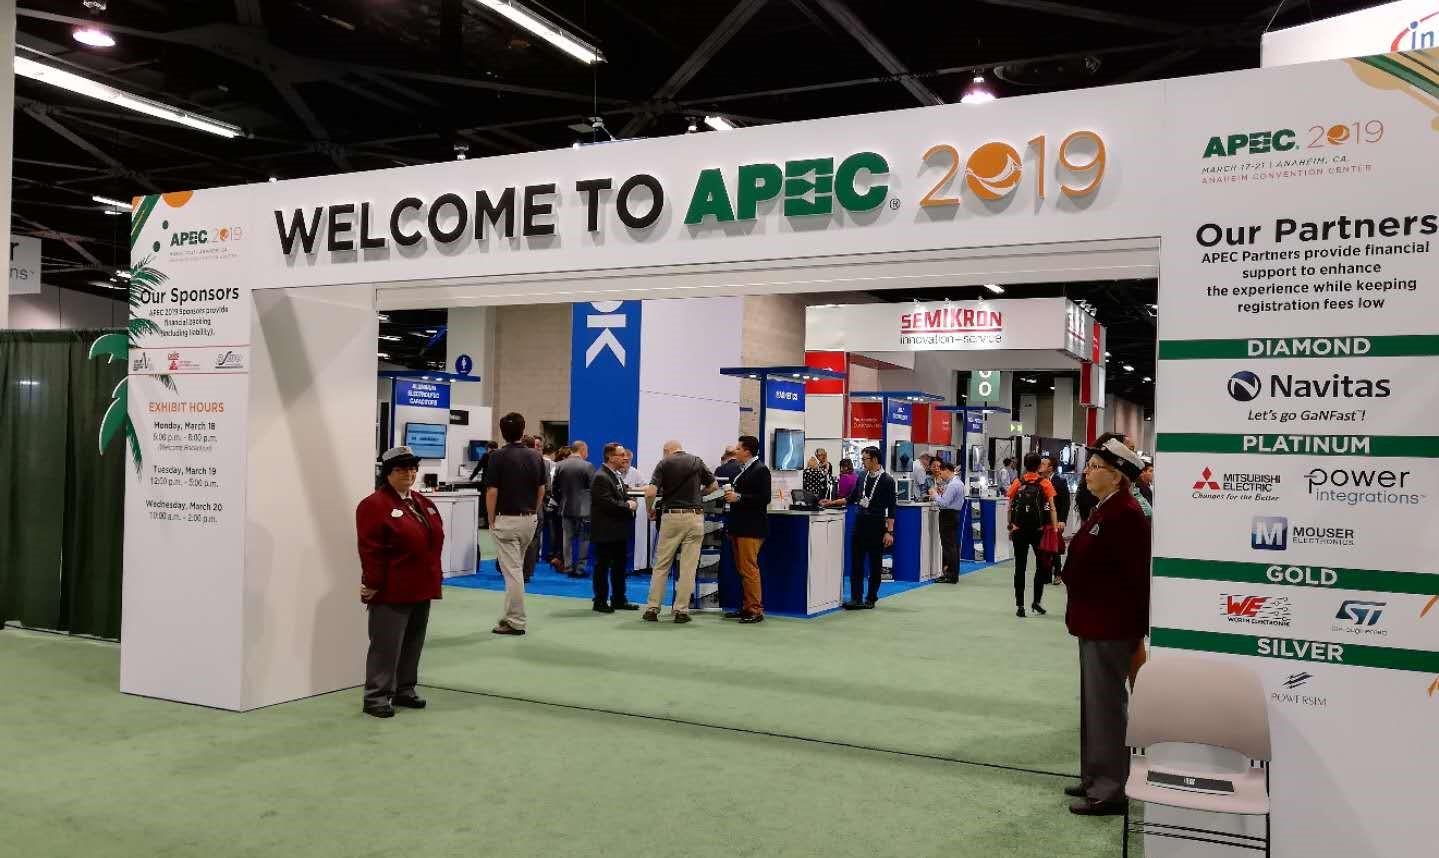 APEC2019